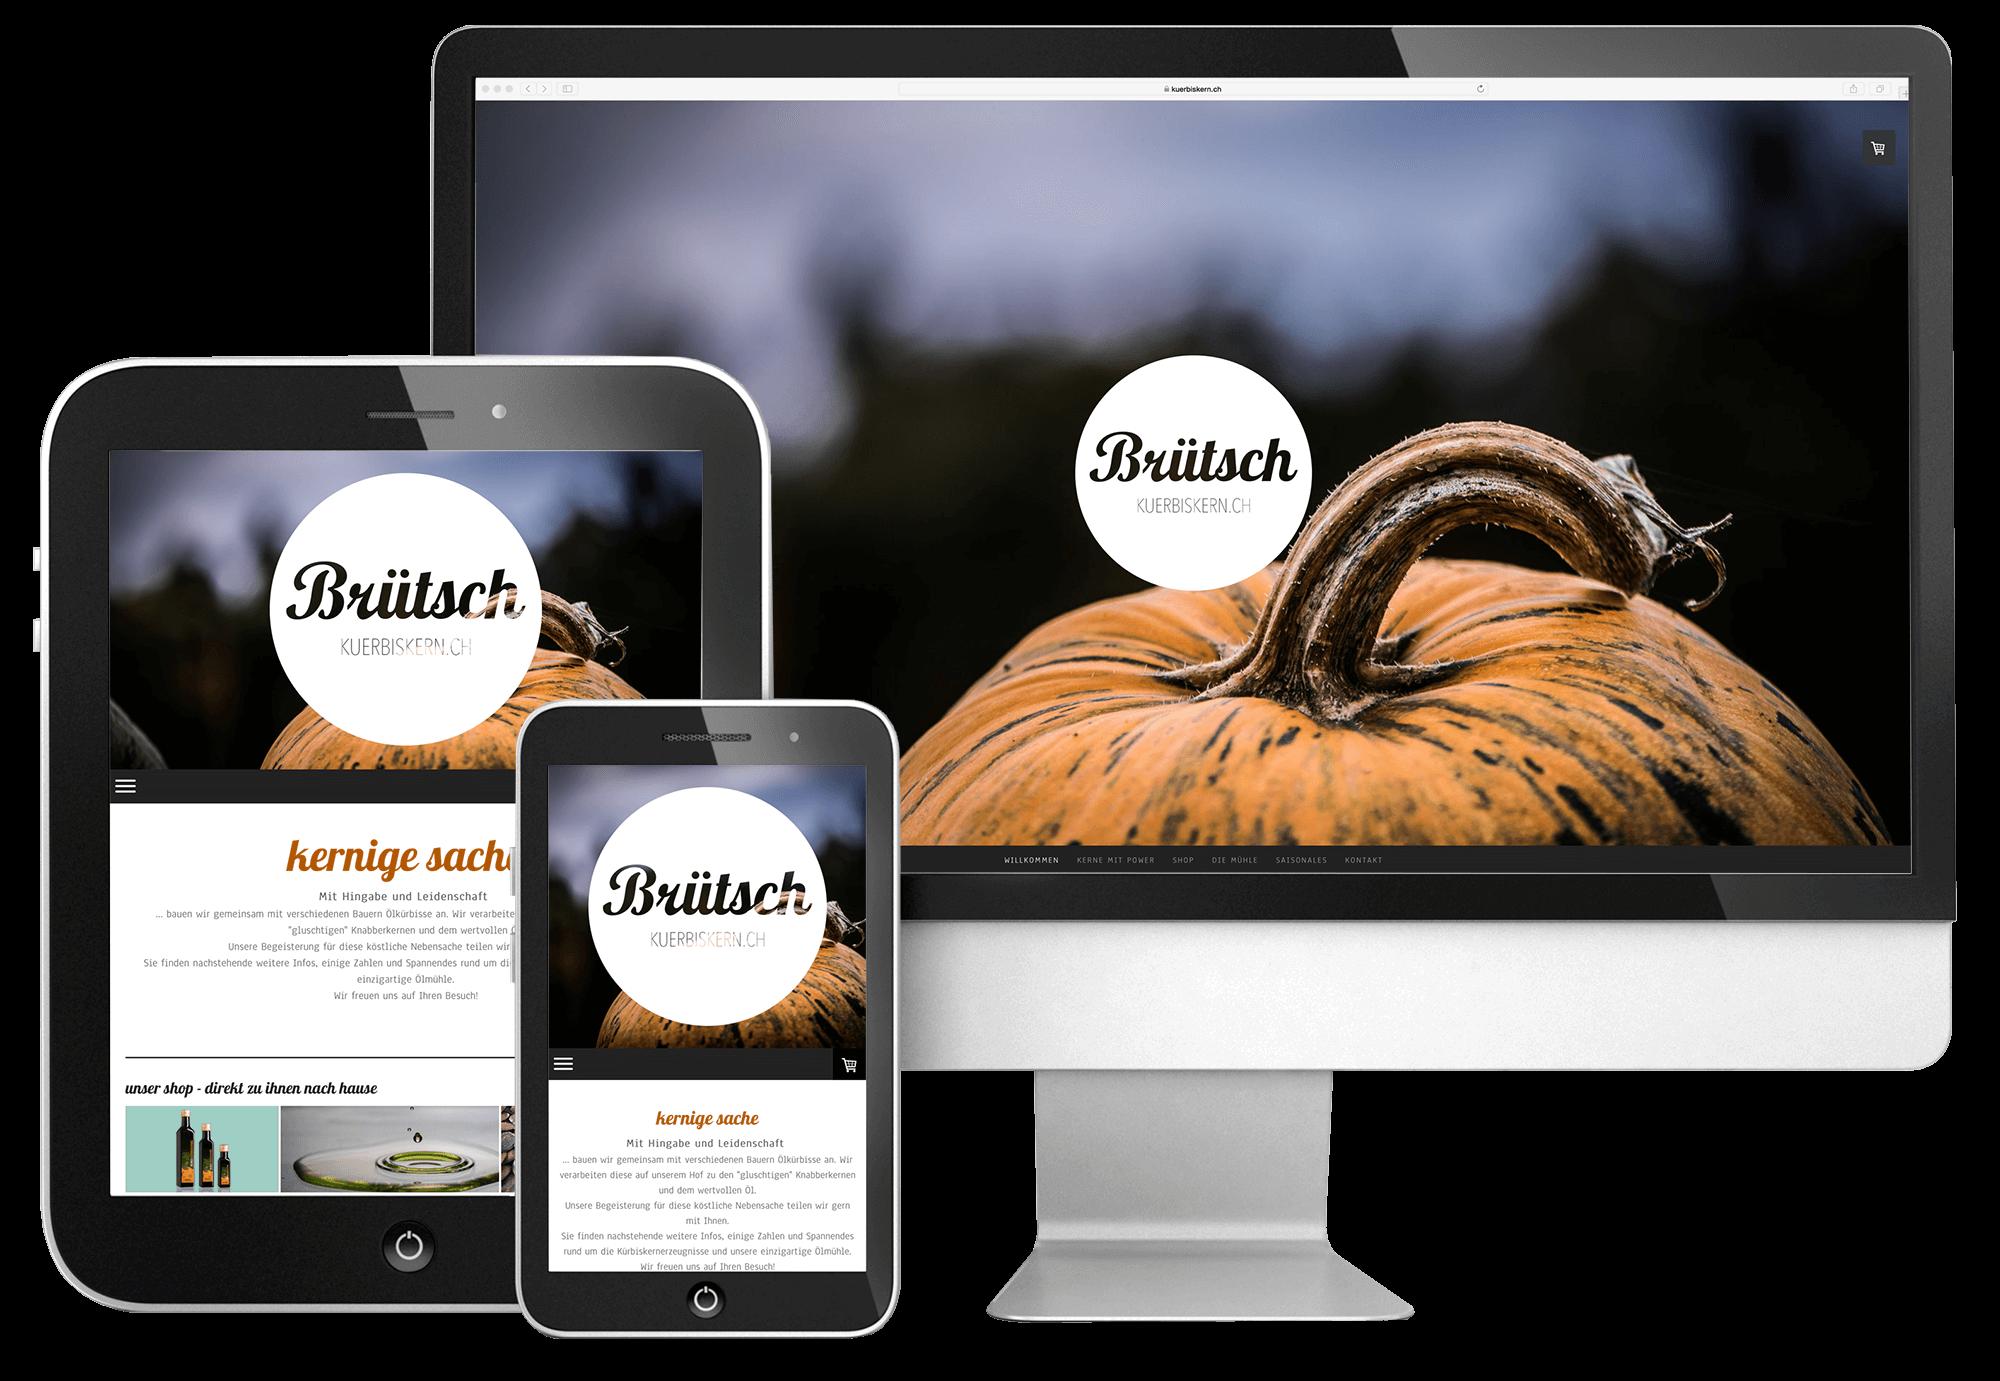 webdesign für Brütsch von 720 Grad Schaffhausen